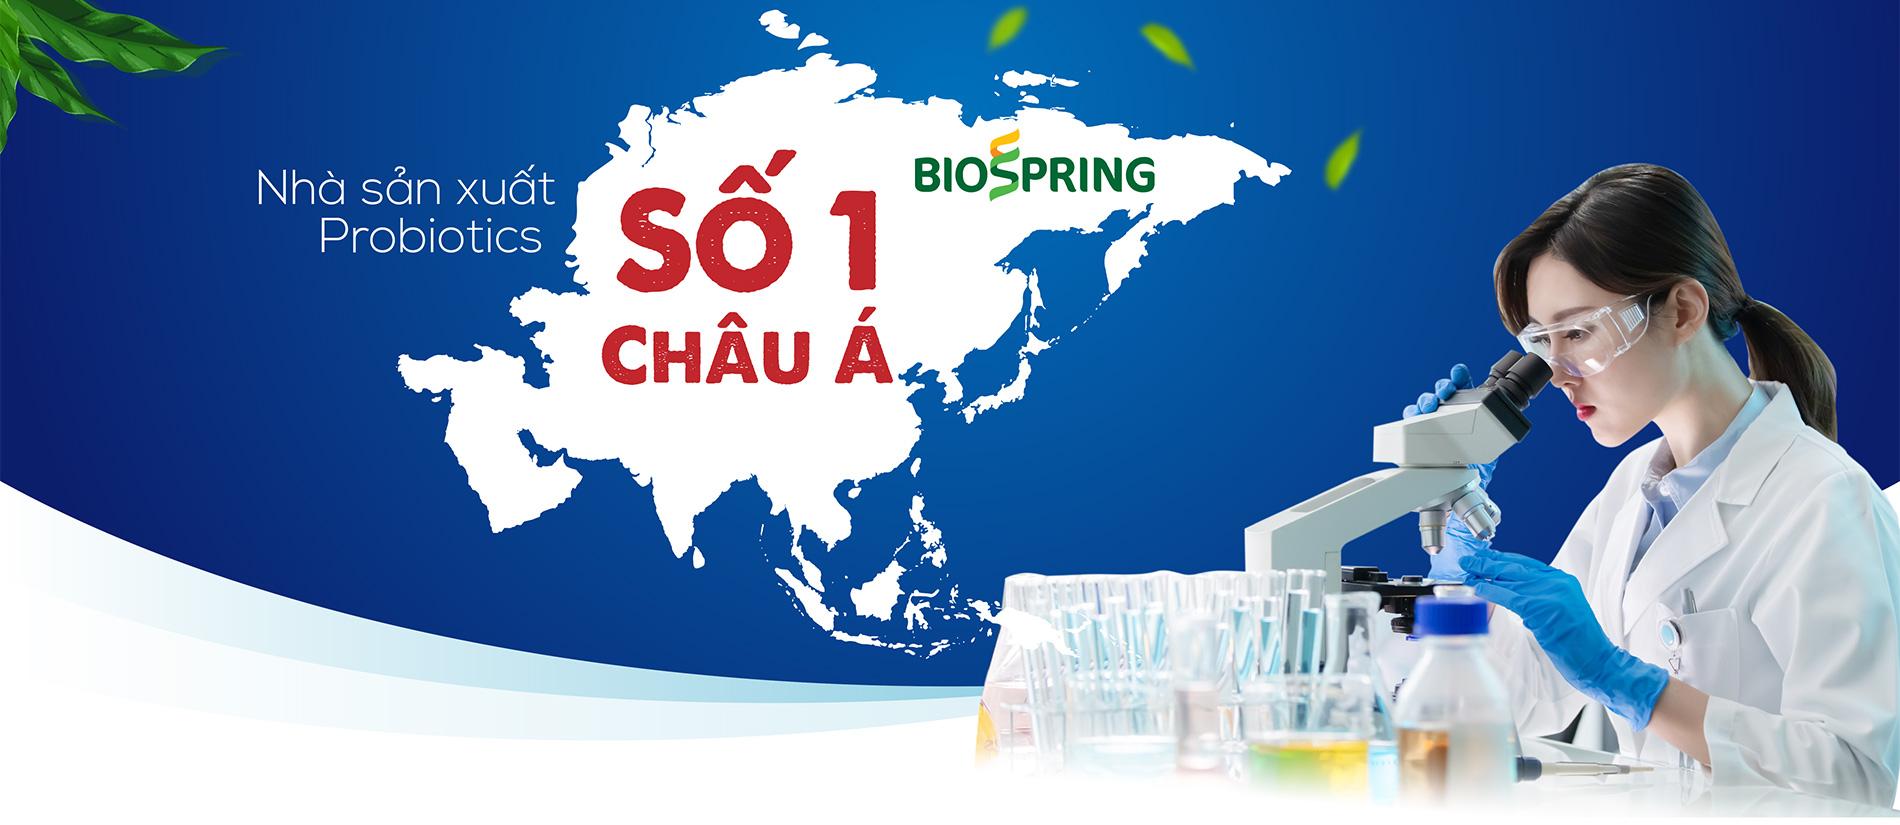 Nhà sản xuất BioSpring